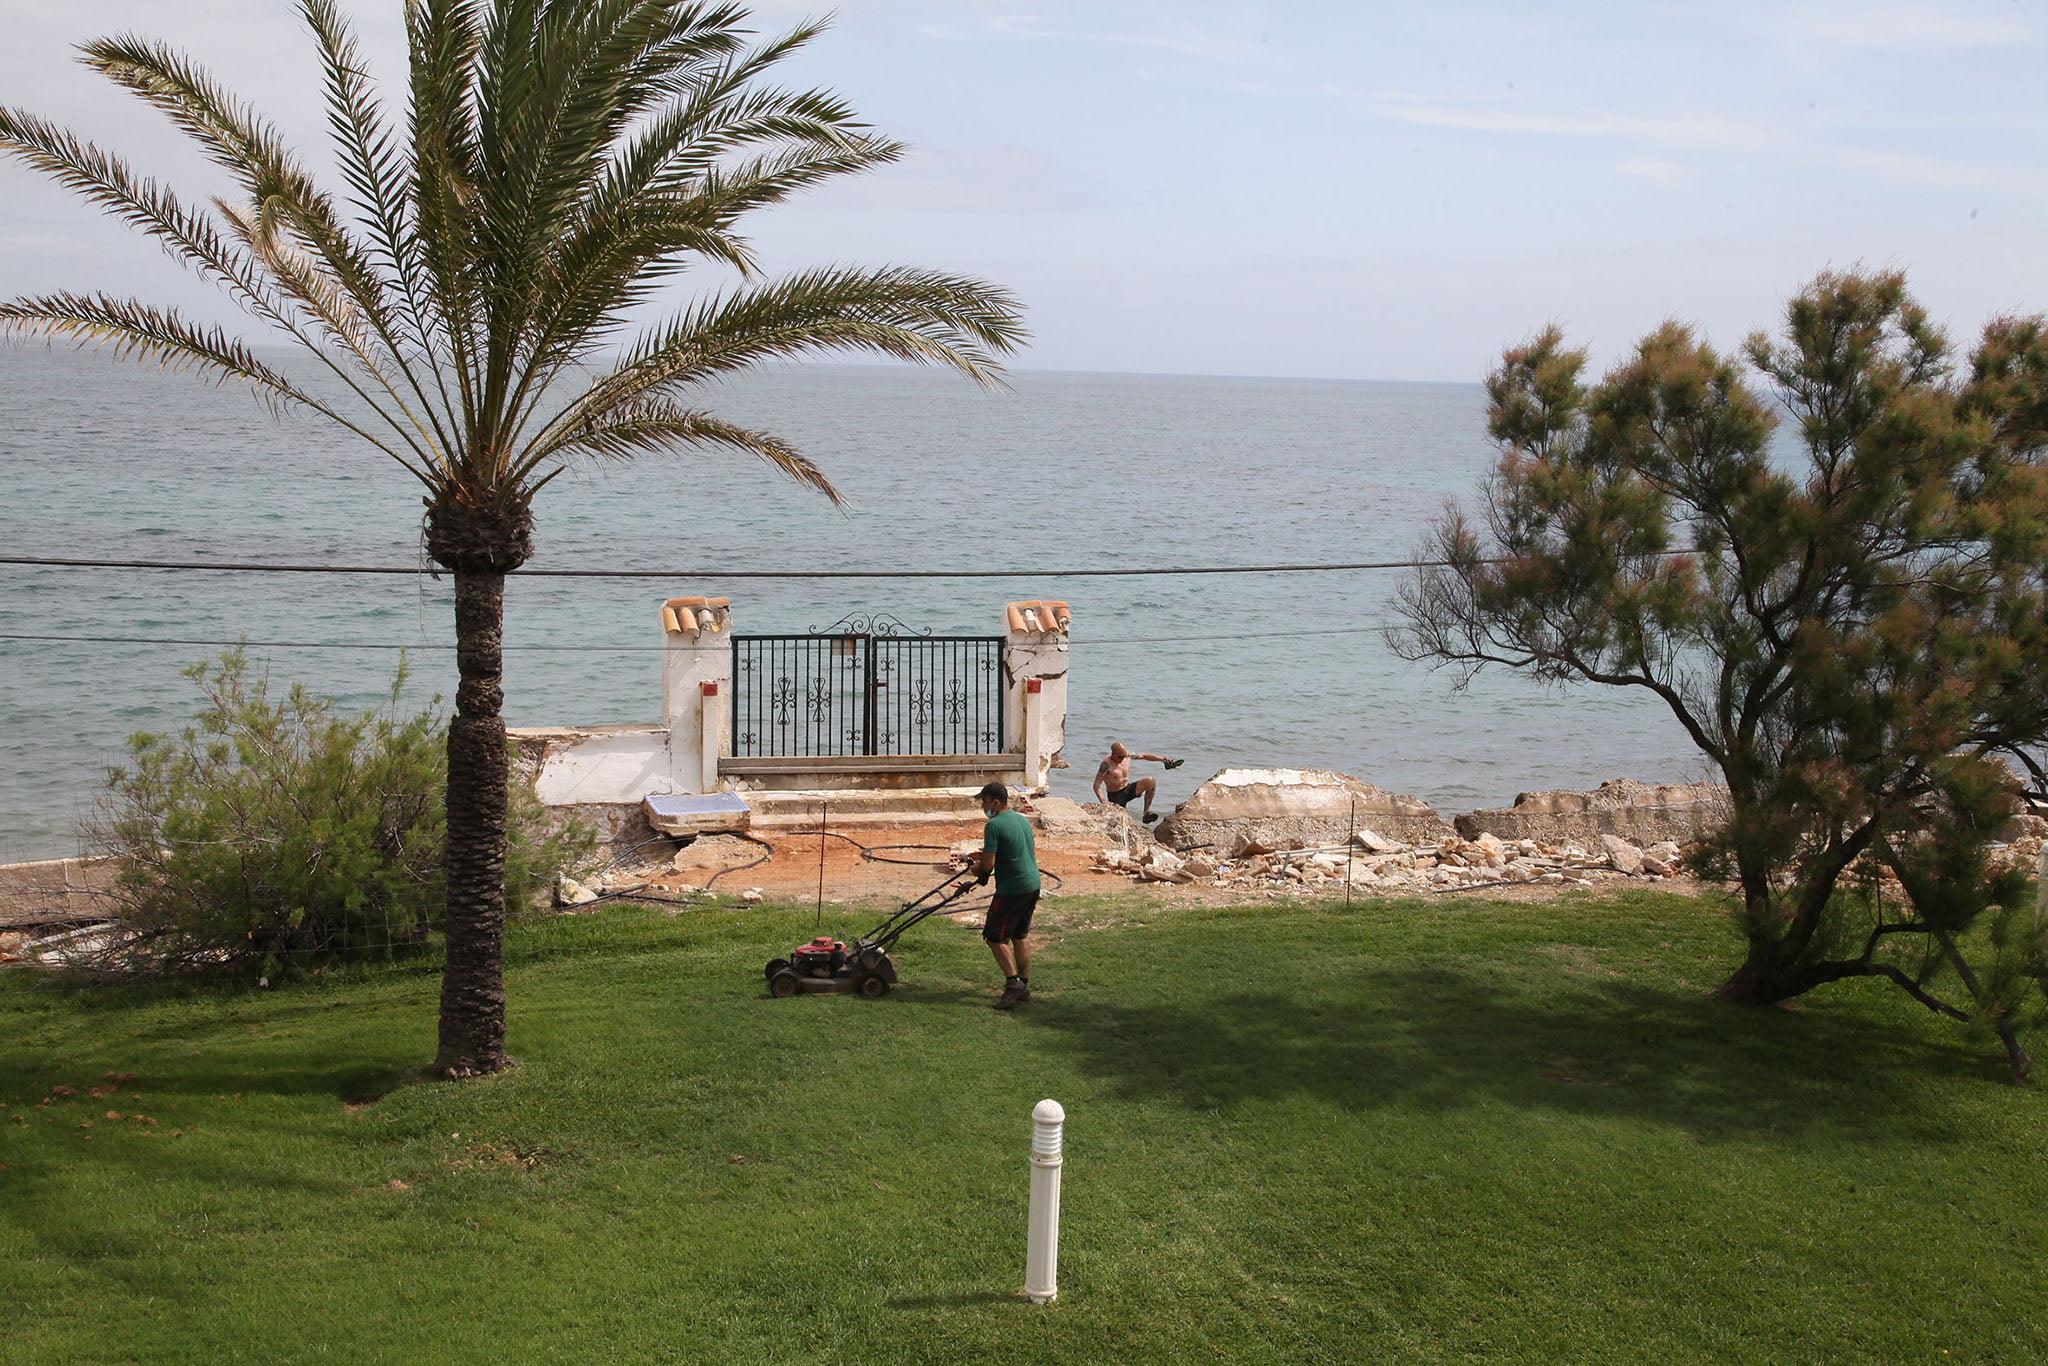 Un bañista sortea los escombros mientras a pocos metros cuidan el jardin de la propiedad